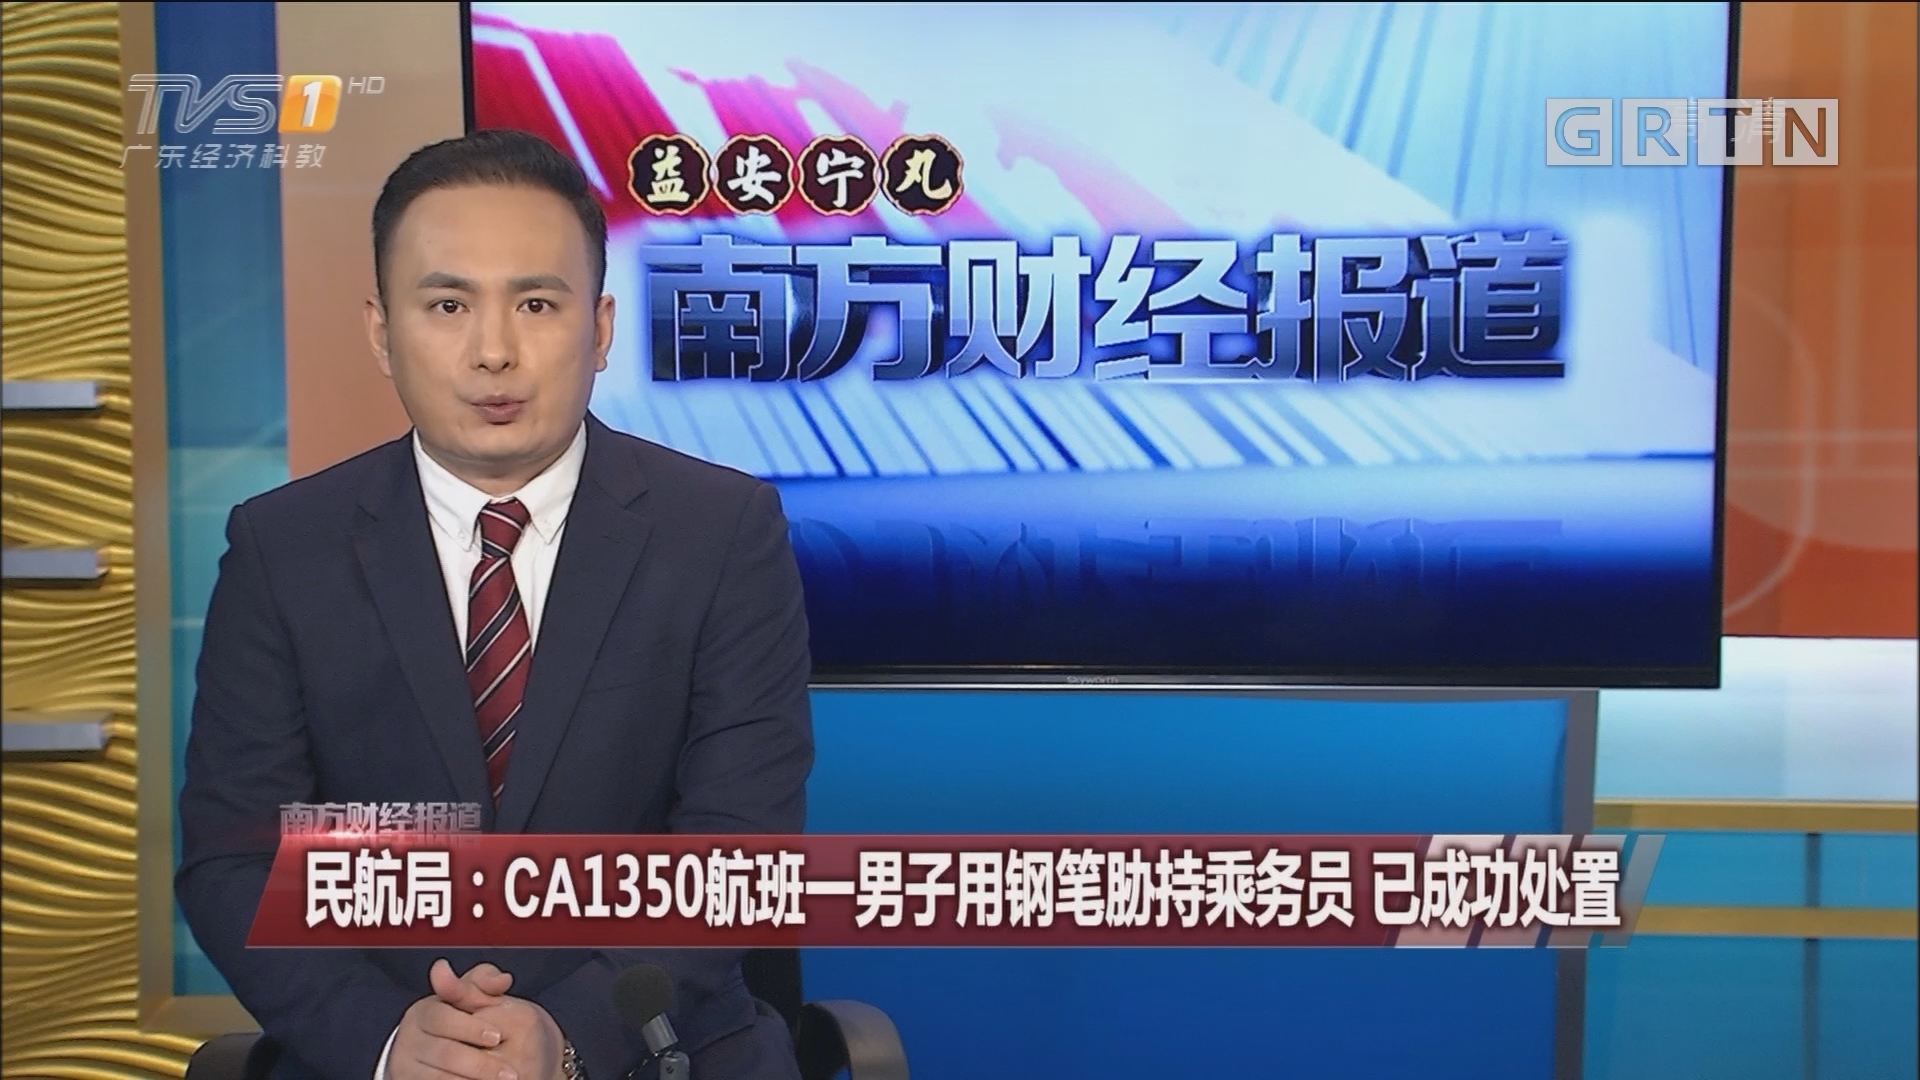 民航局:CA1350航班一男子用钢笔胁持乘务员 已成功处置